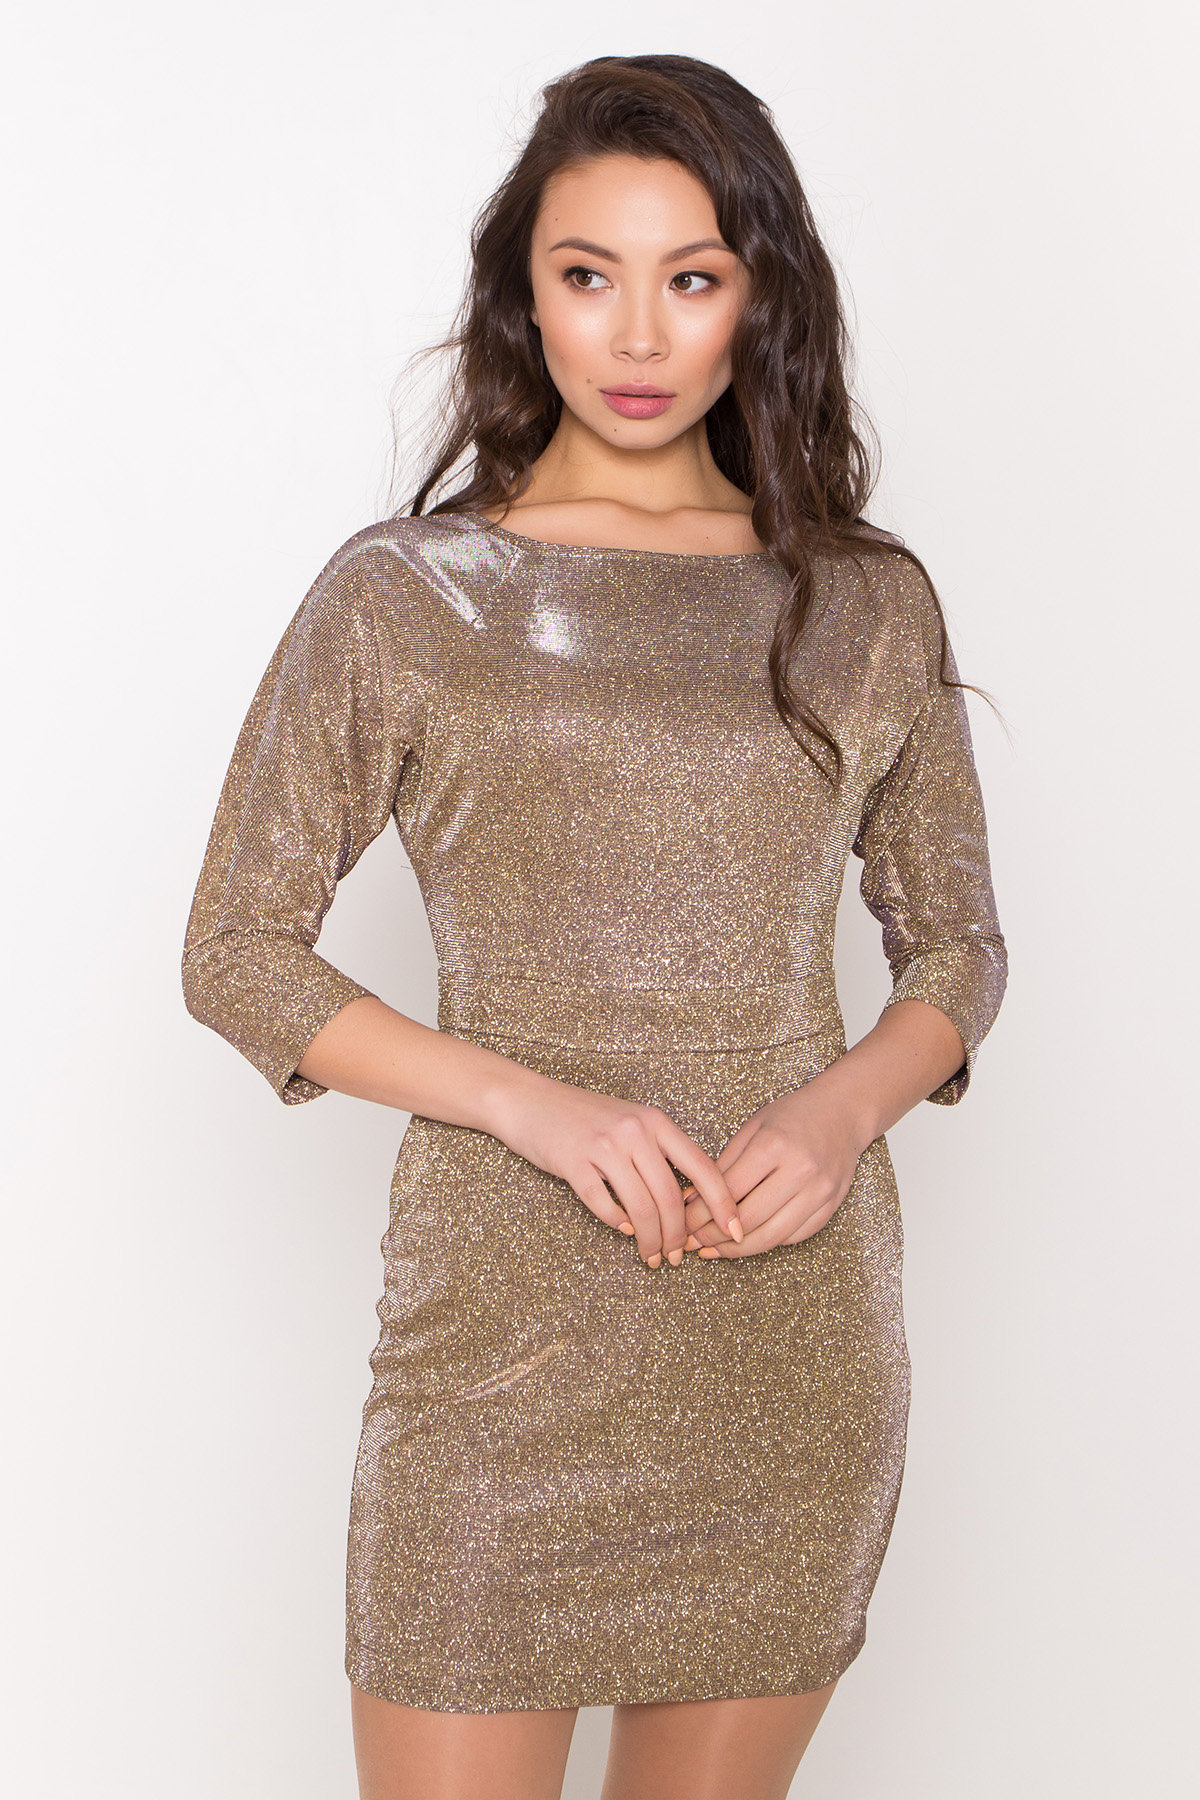 Платье-хамелеон из трикотажа с люрексом Инглот 8428 АРТ. 44863 Цвет: Золото/серебро - фото 6, интернет магазин tm-modus.ru